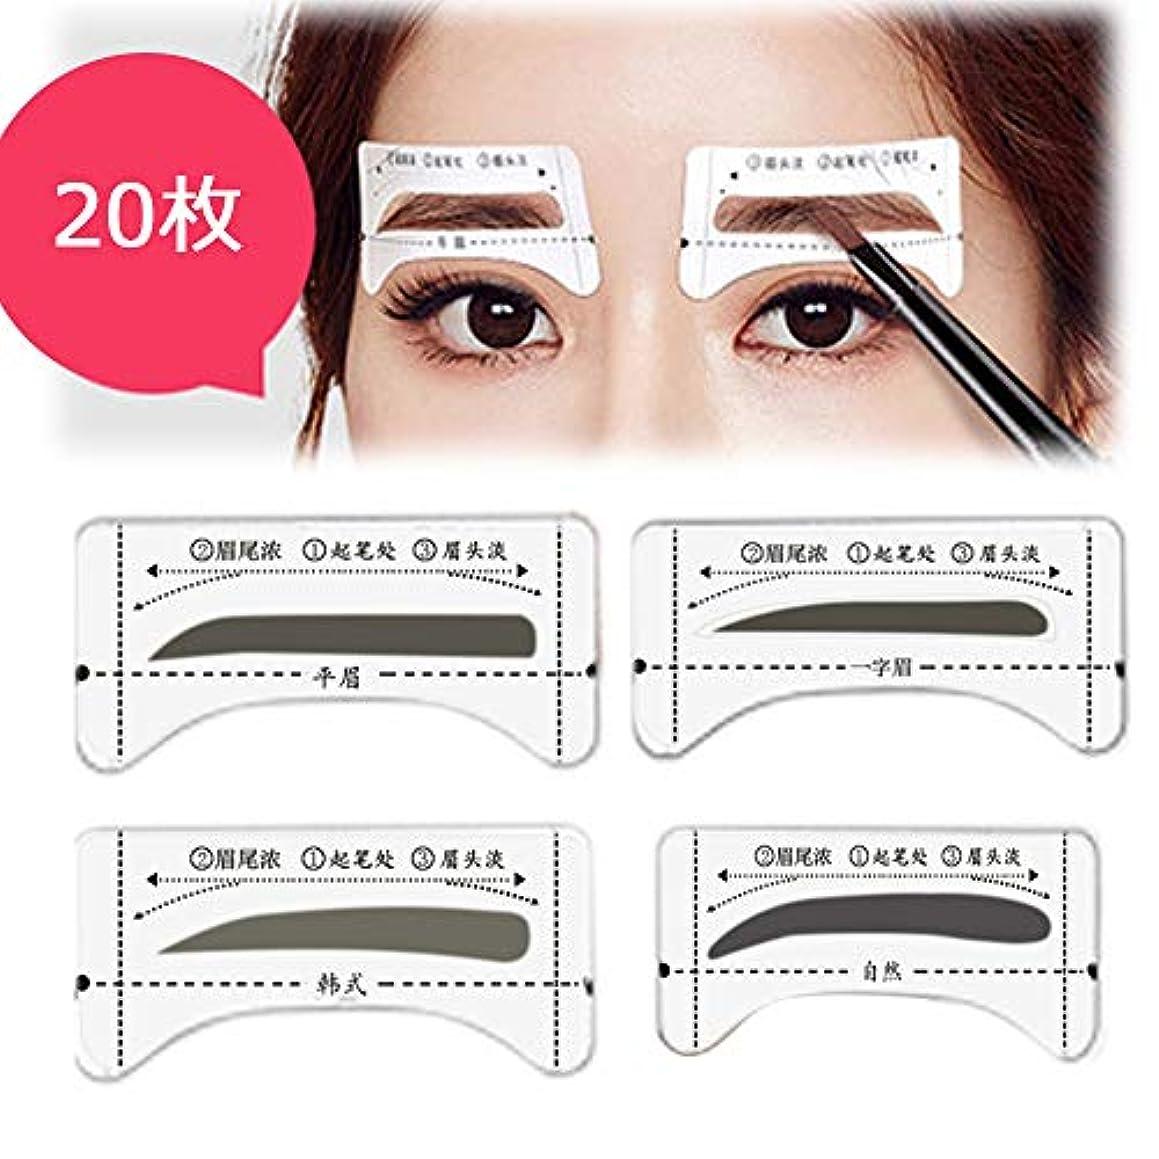 縁石人気ペン眉テンプレート 眉毛 4種20枚(韓国風、一言眉、自然、平らな眉毛)片手使用する